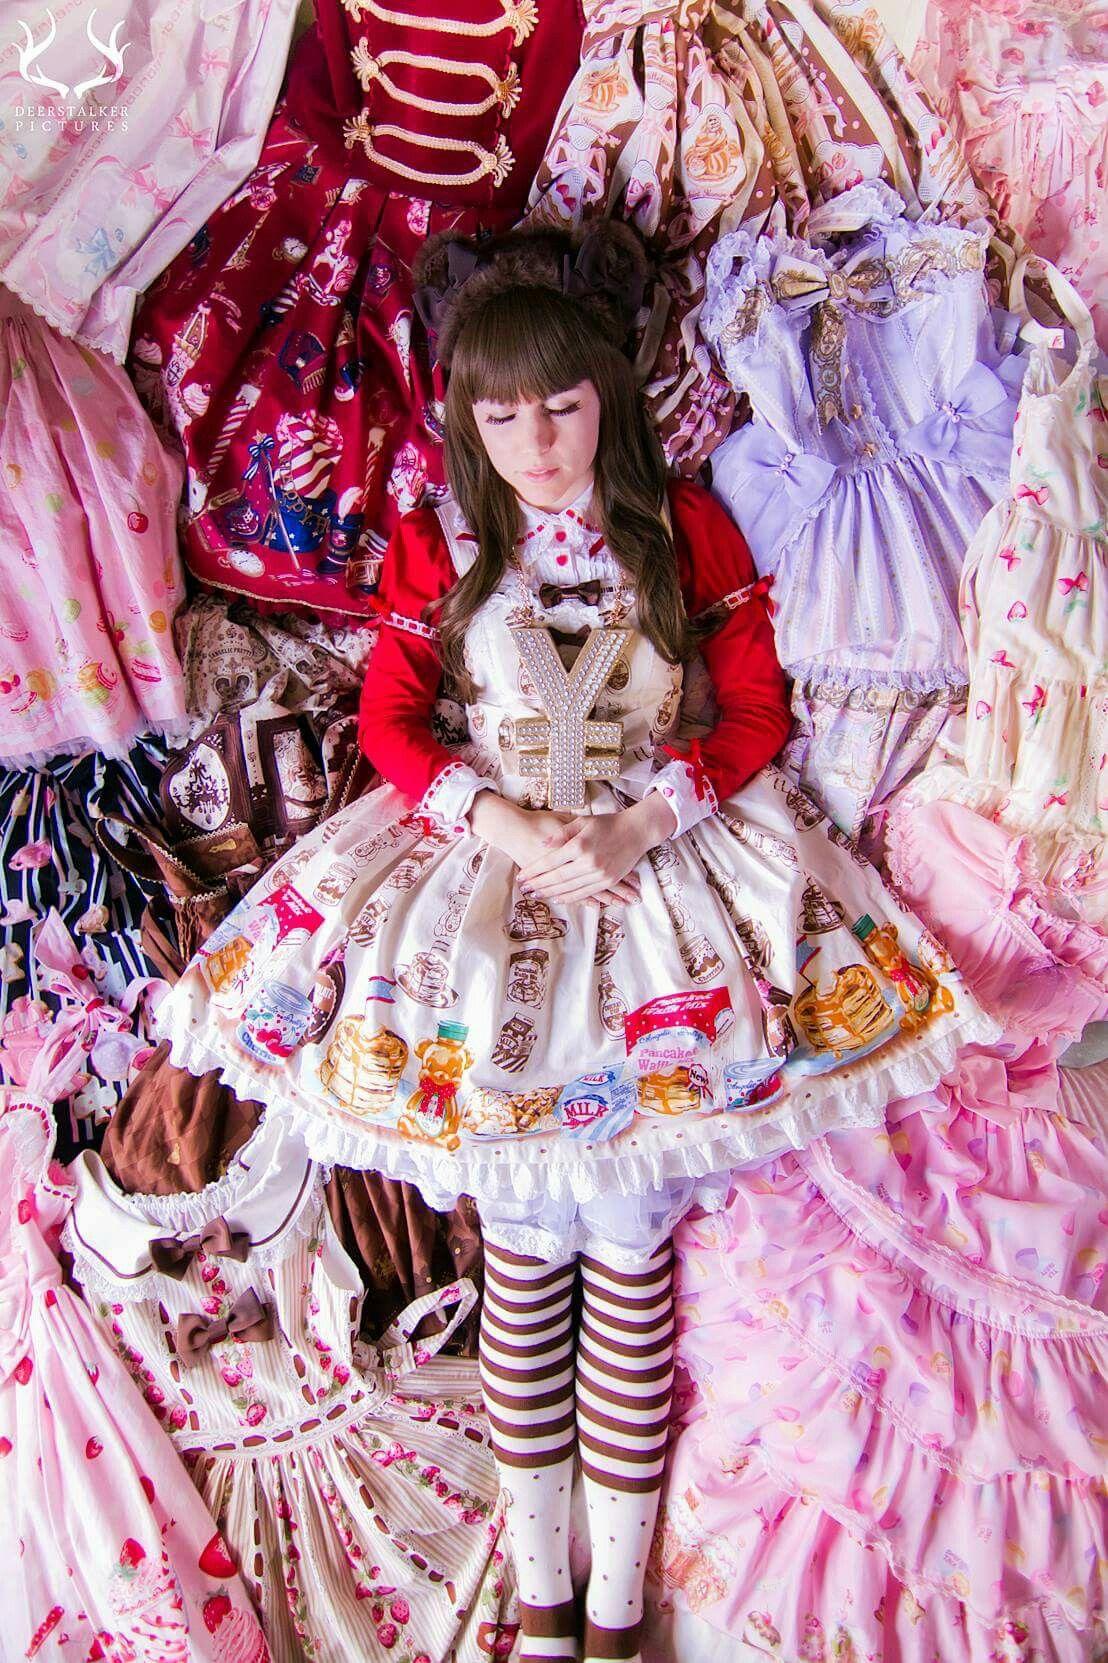 MODA Lolita e seus Sub-Estilos